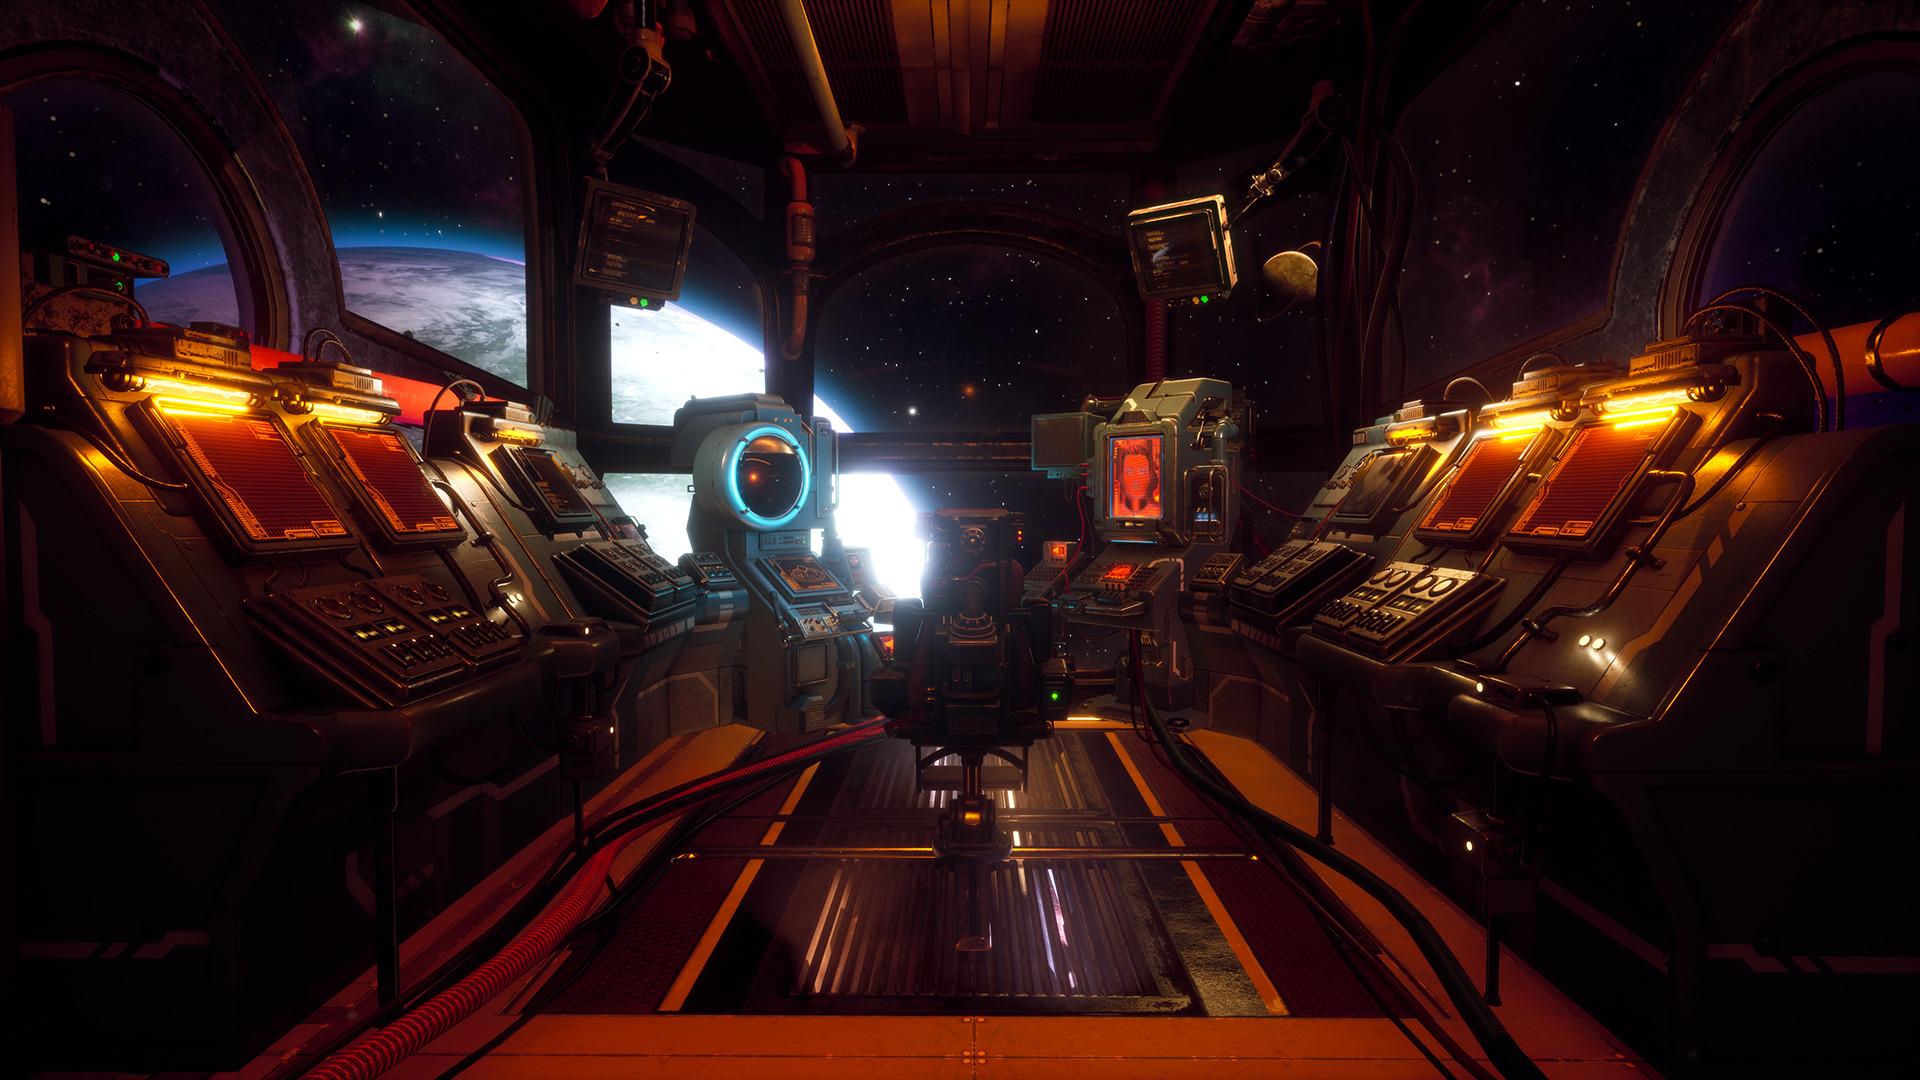 عنوان The Outer Worlds فاقد سیستم پرداخت درون برنامهای خواهد بود + تصاویر جدیدی از بازی